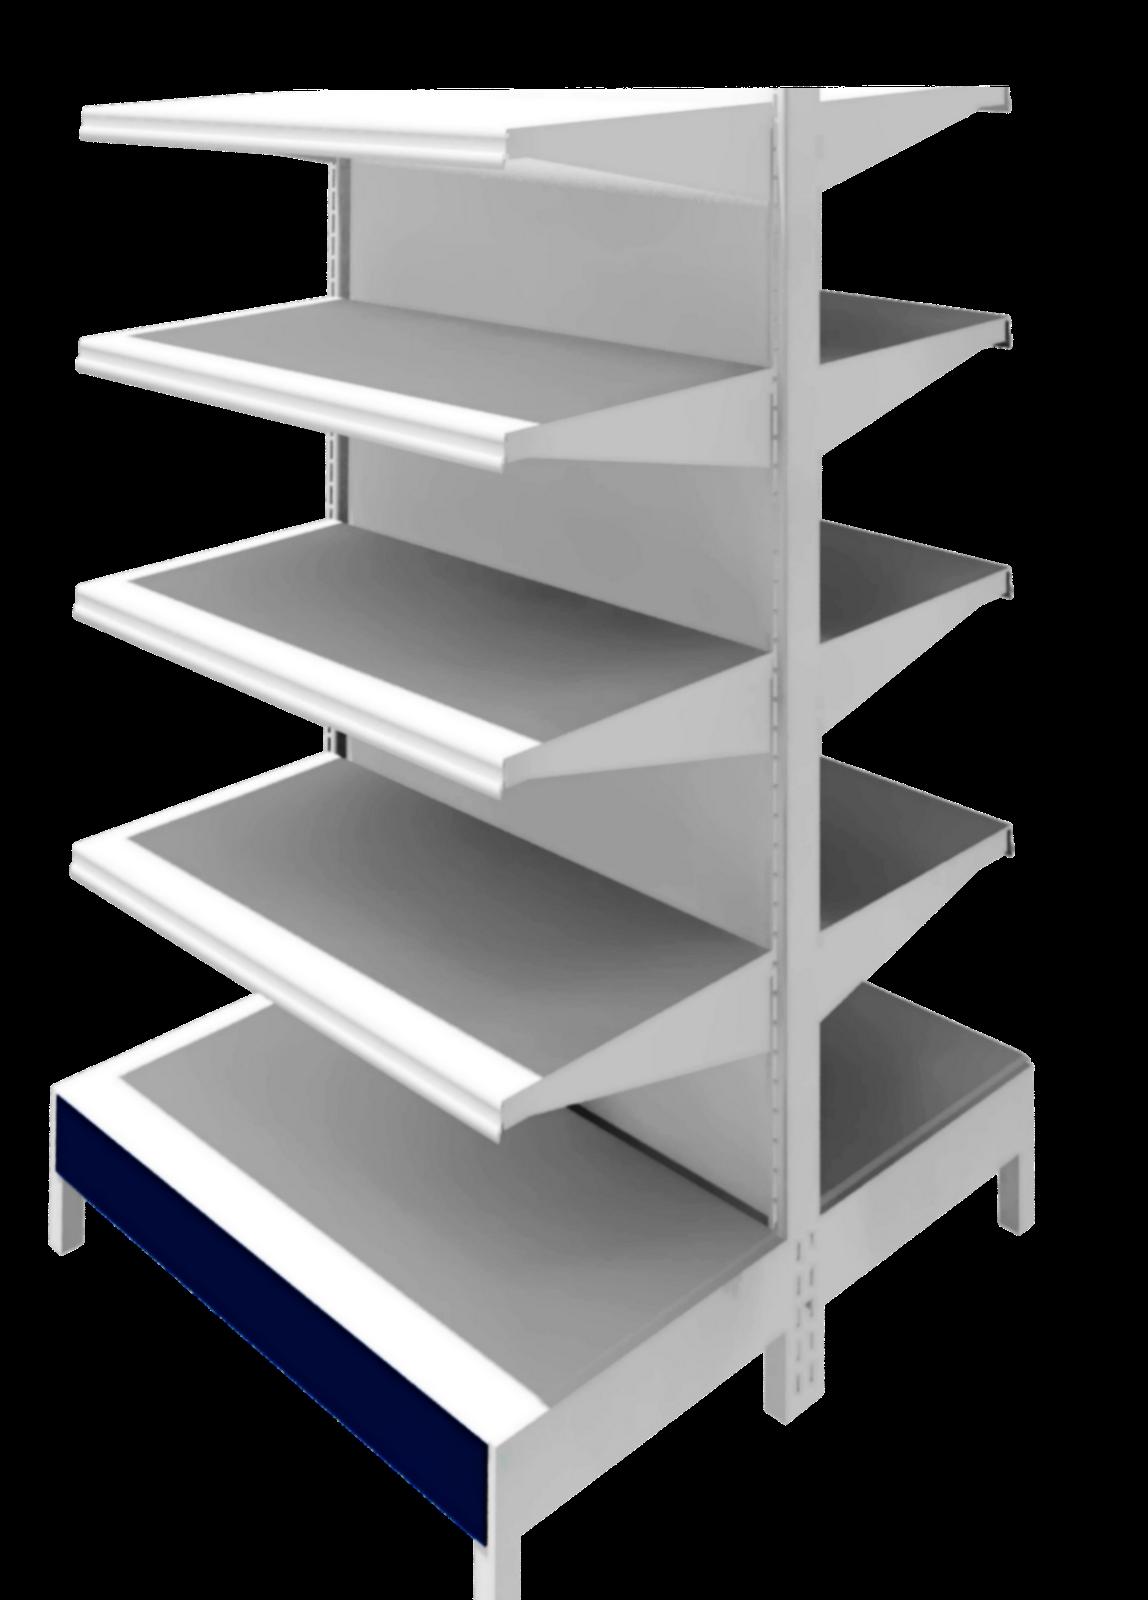 La Gondola Muebles Of Muebles De Tiendas Mobiliario De Oficina Muebles De